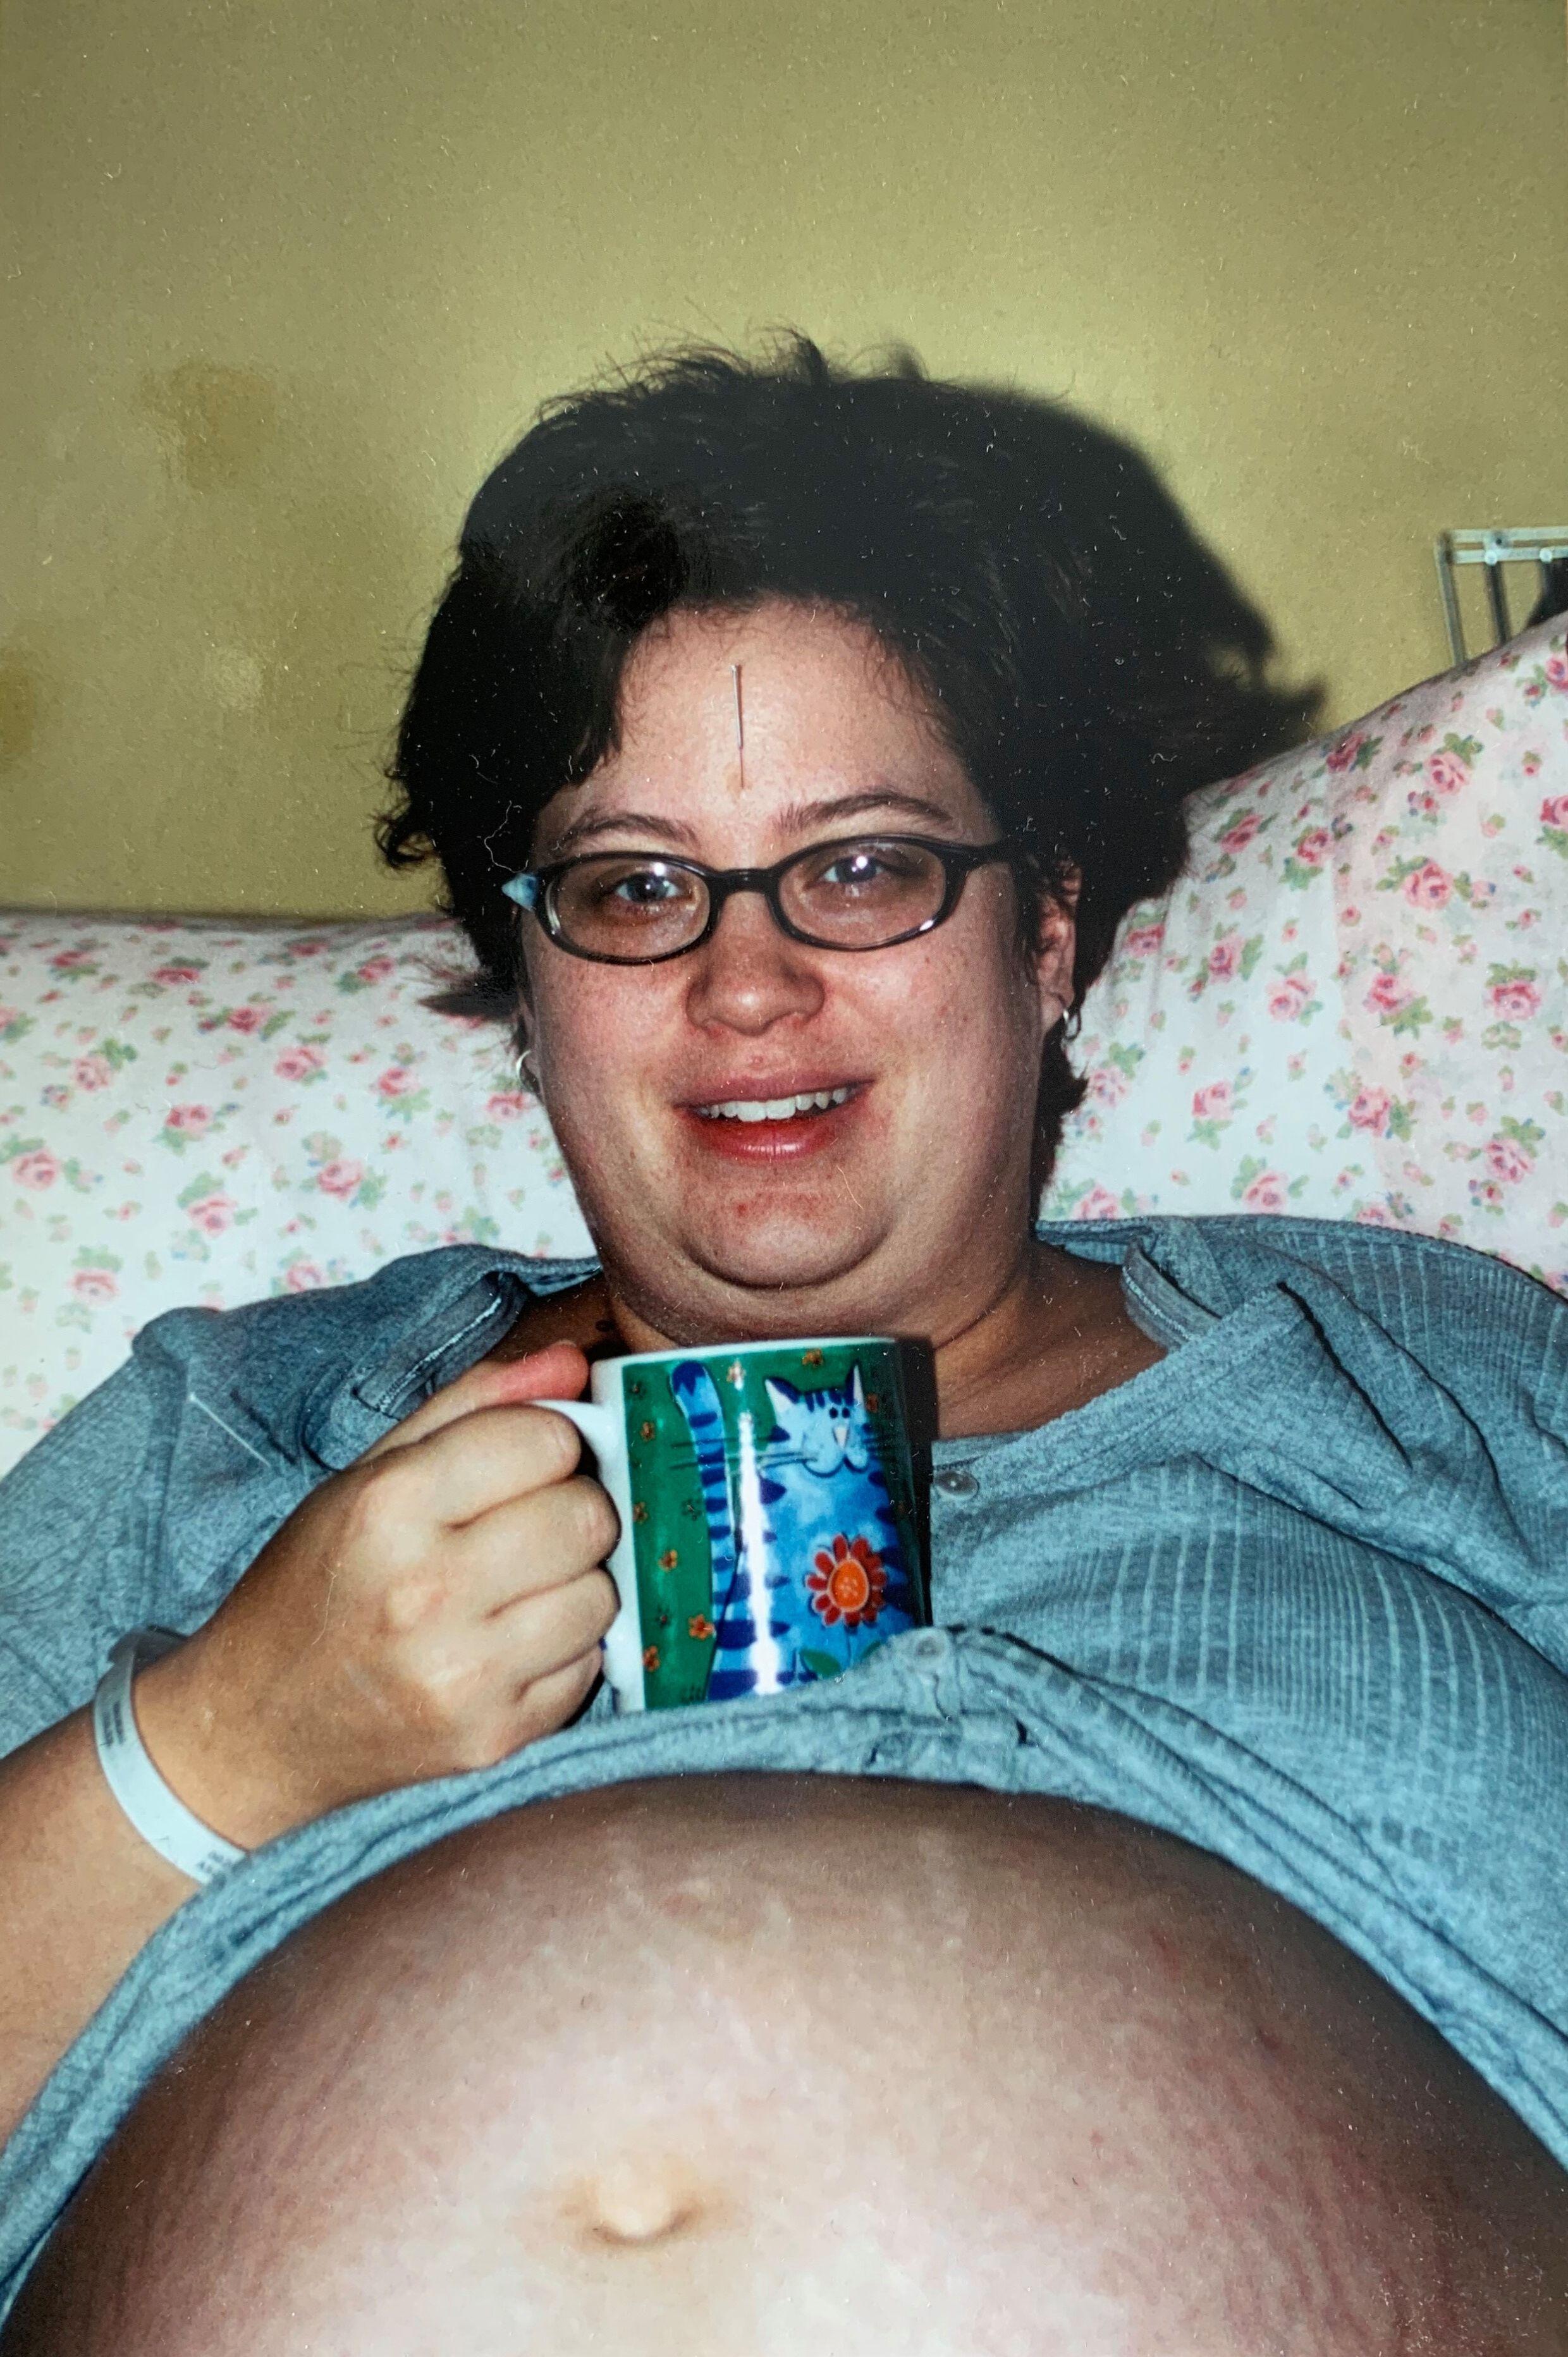 Donner naissance - Donner naissance livre - Donner naissance citation - Un traumatisme m'a empêchée de donner naissance - problème à la naissance - avac - accouchement vaginal après césarienne - maternité - nouvelle maman - problème à la naissance de bébé